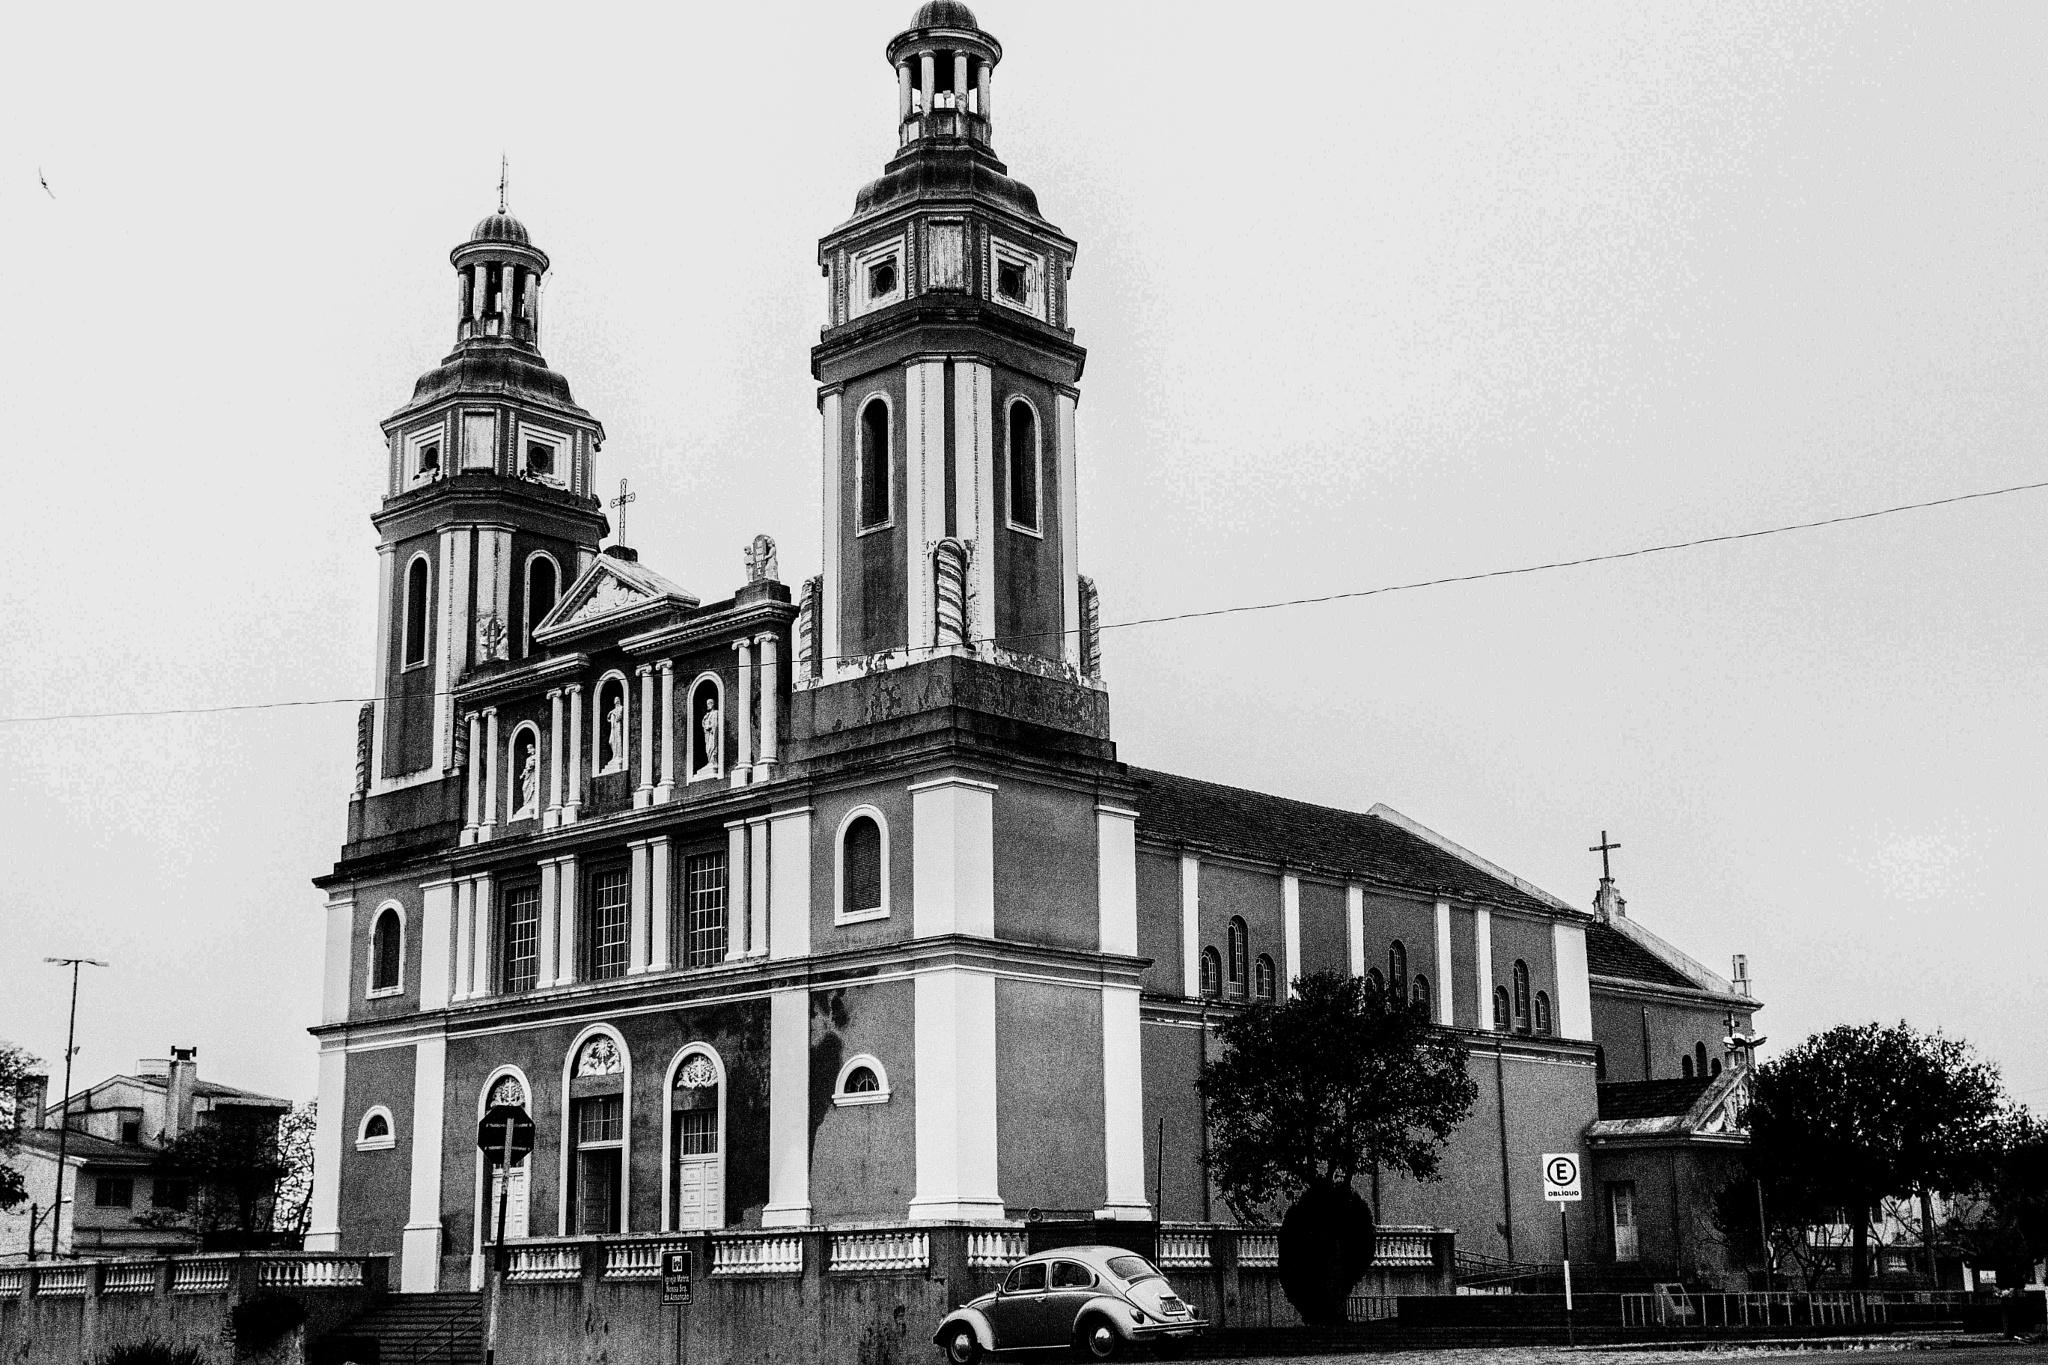 Igreja Matriz Nossa Senhora Da Assunção by williancorrea